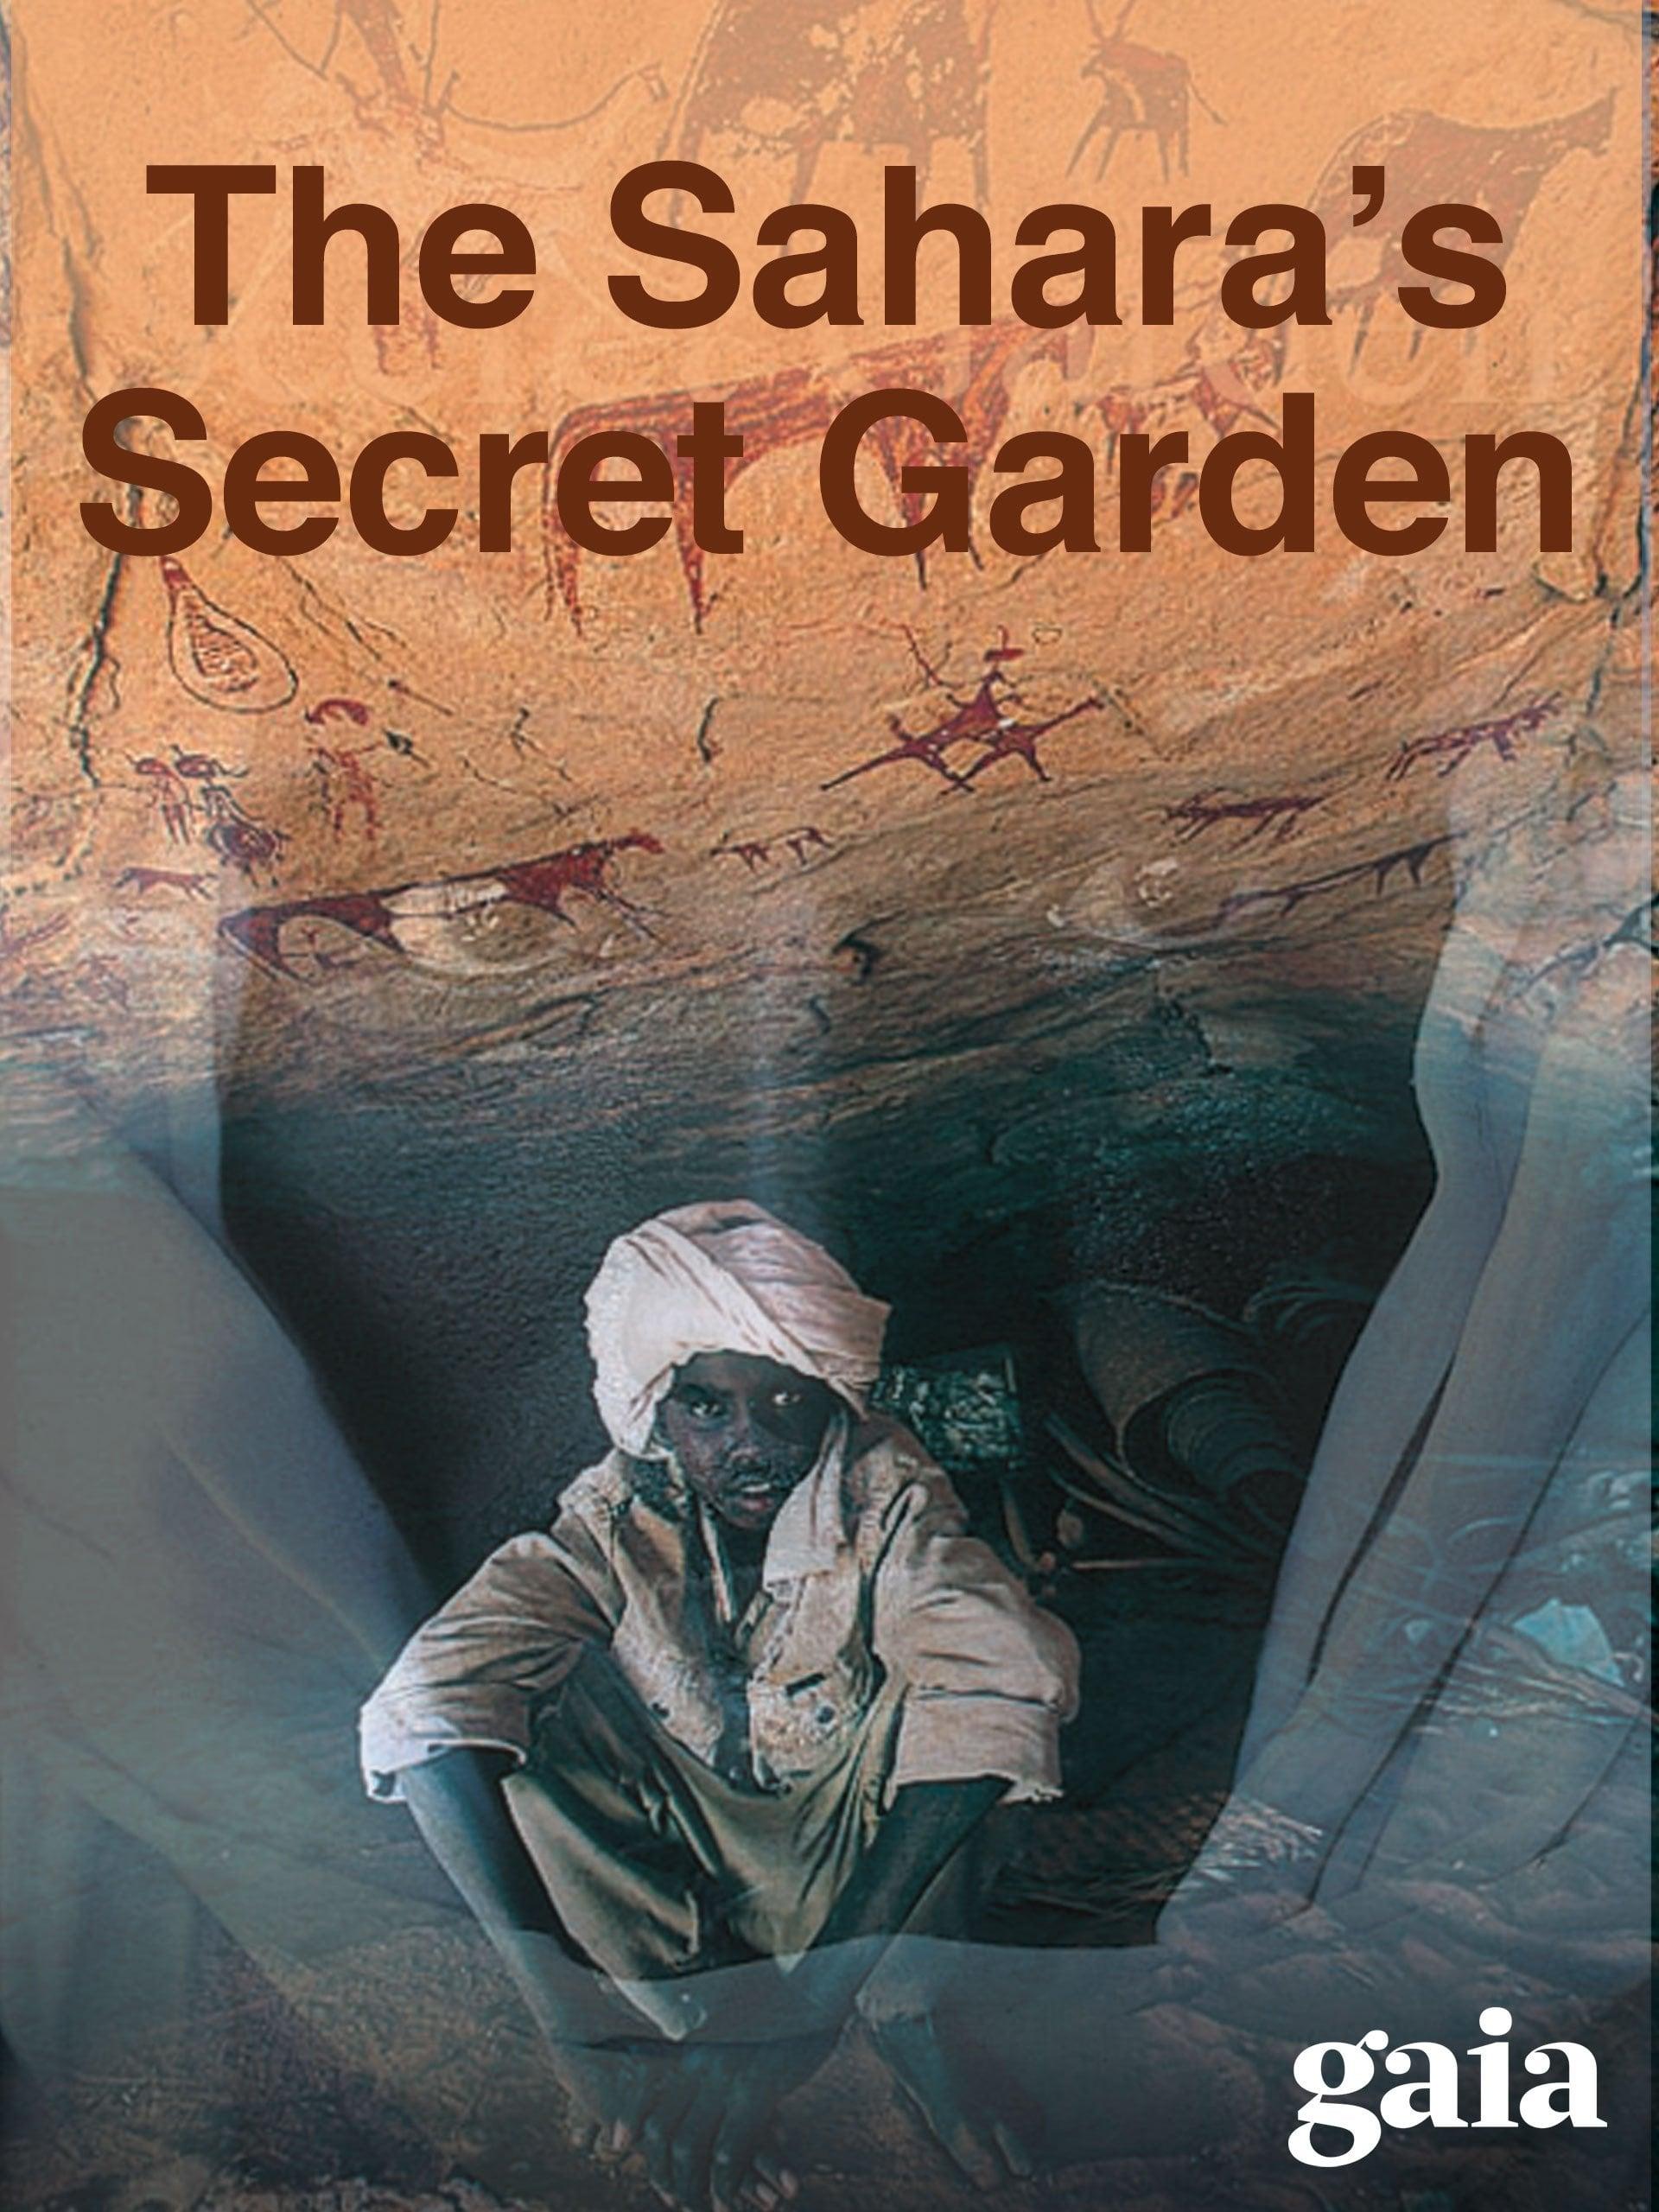 The Sahara's Secret Garden